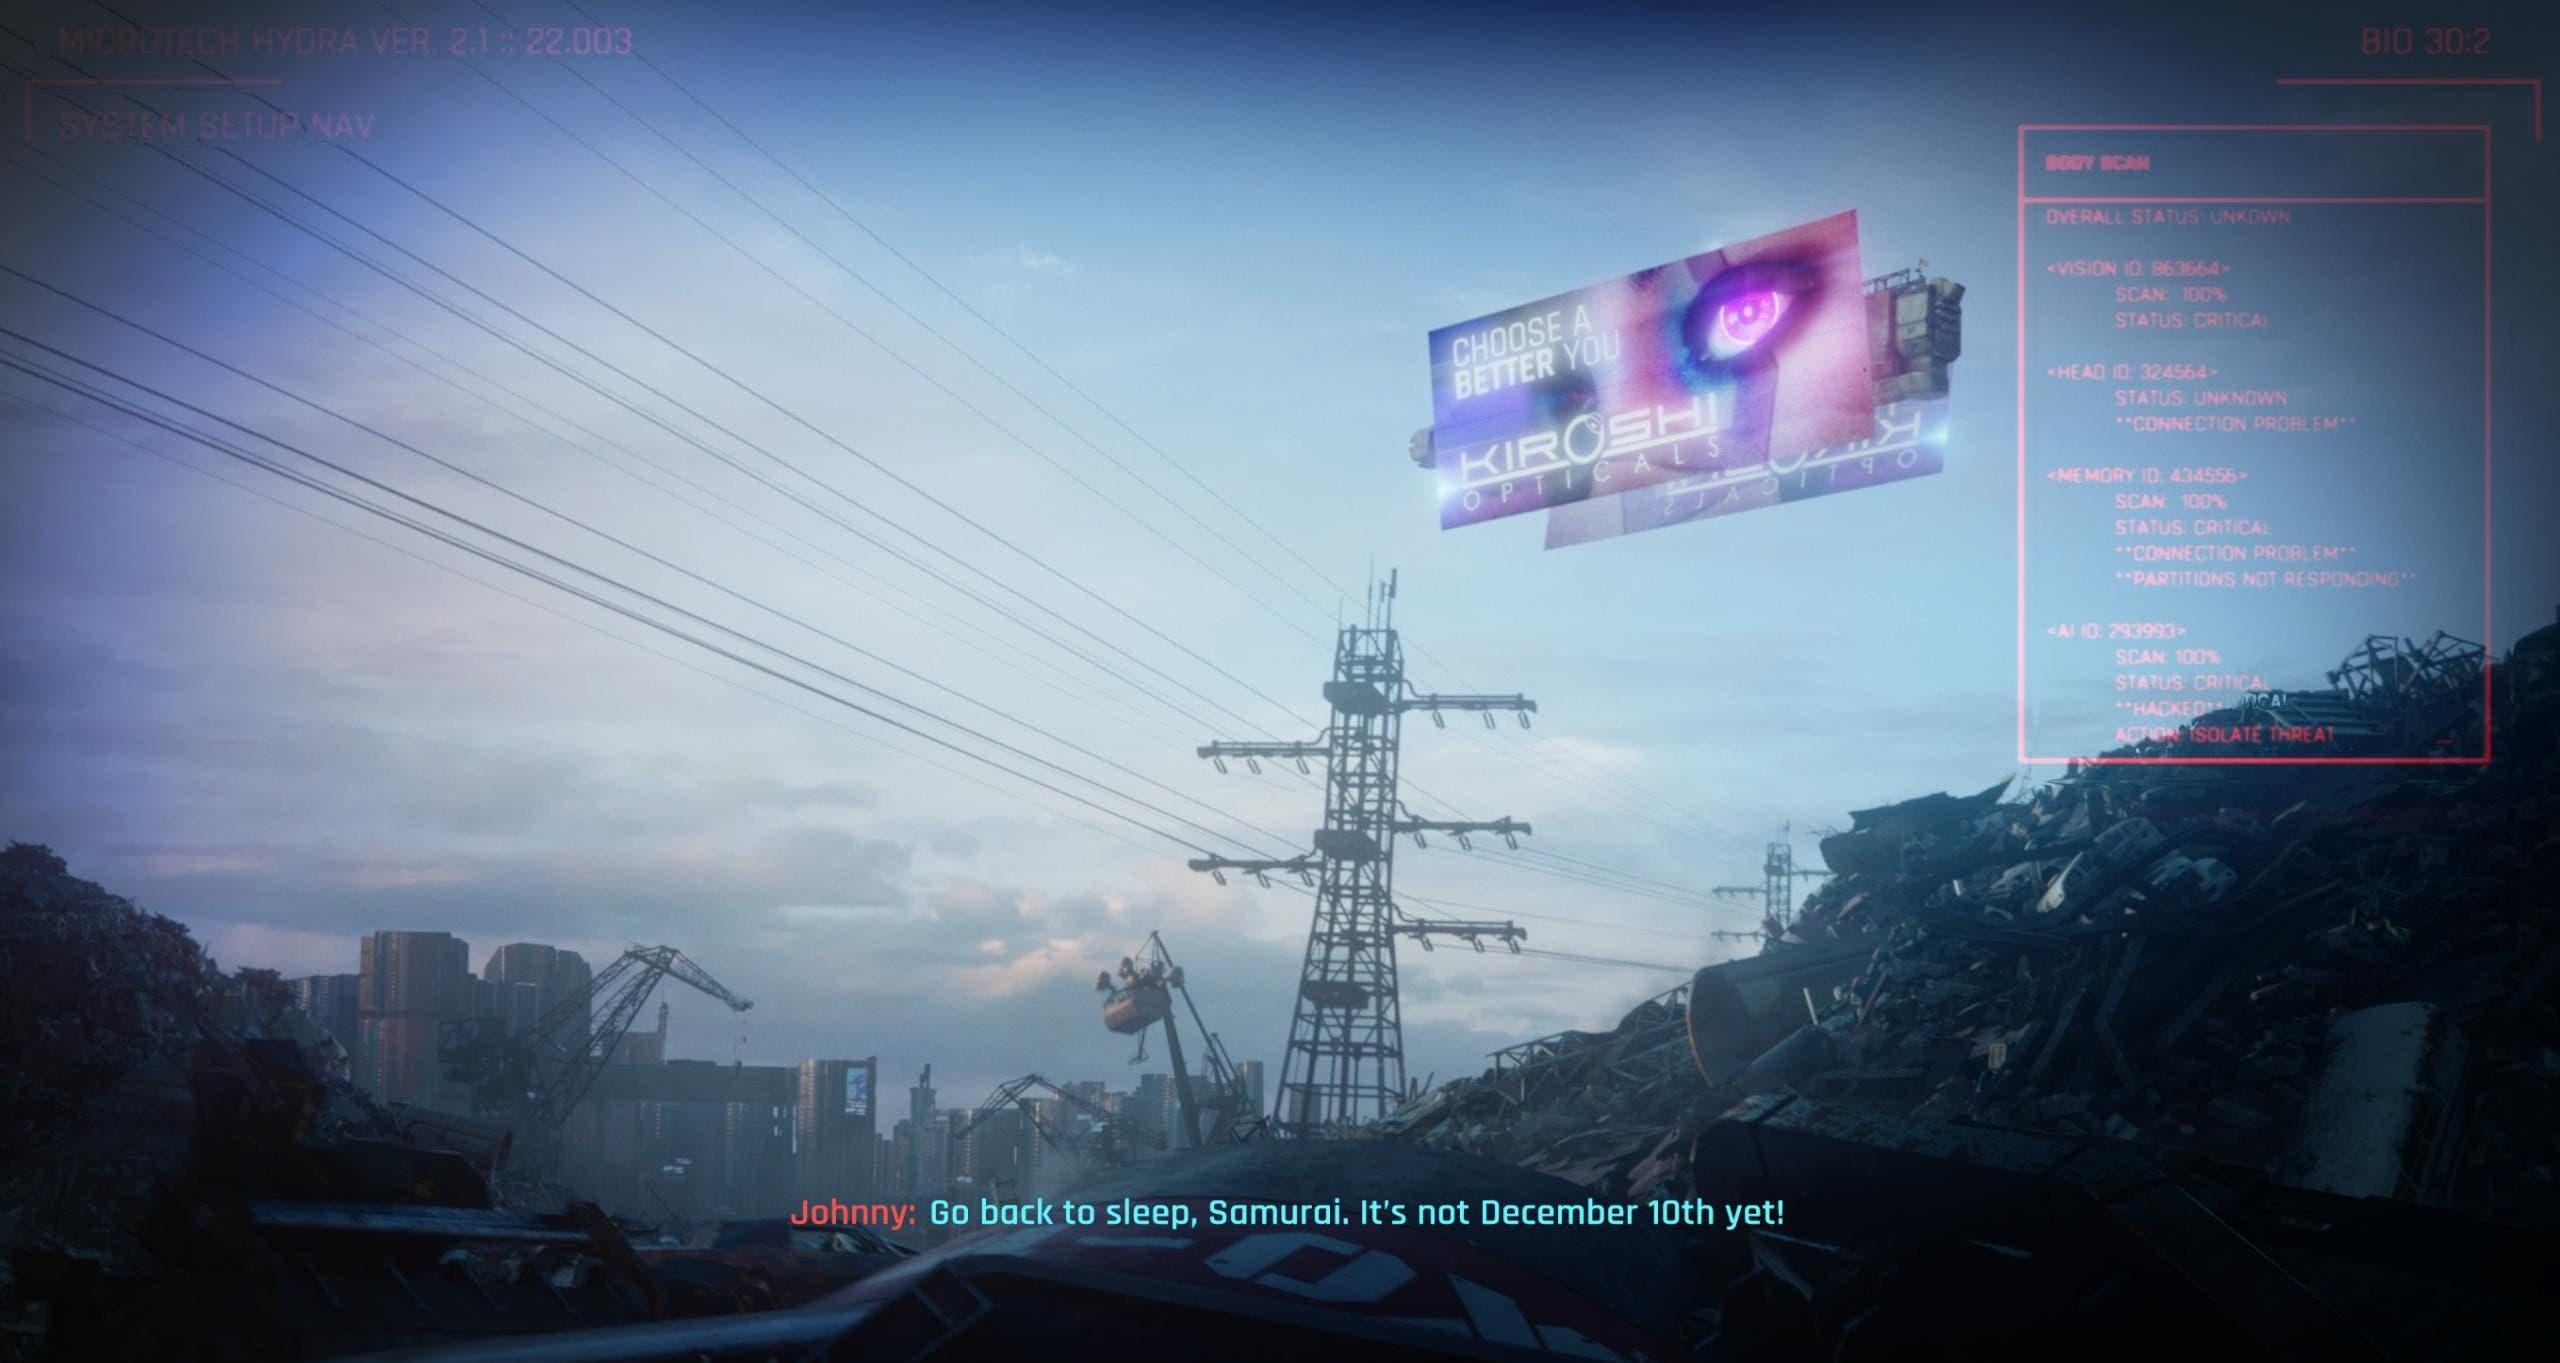 Johnny Silverhand te envía a dormir si intentas jugar a Cyberpunk 2077